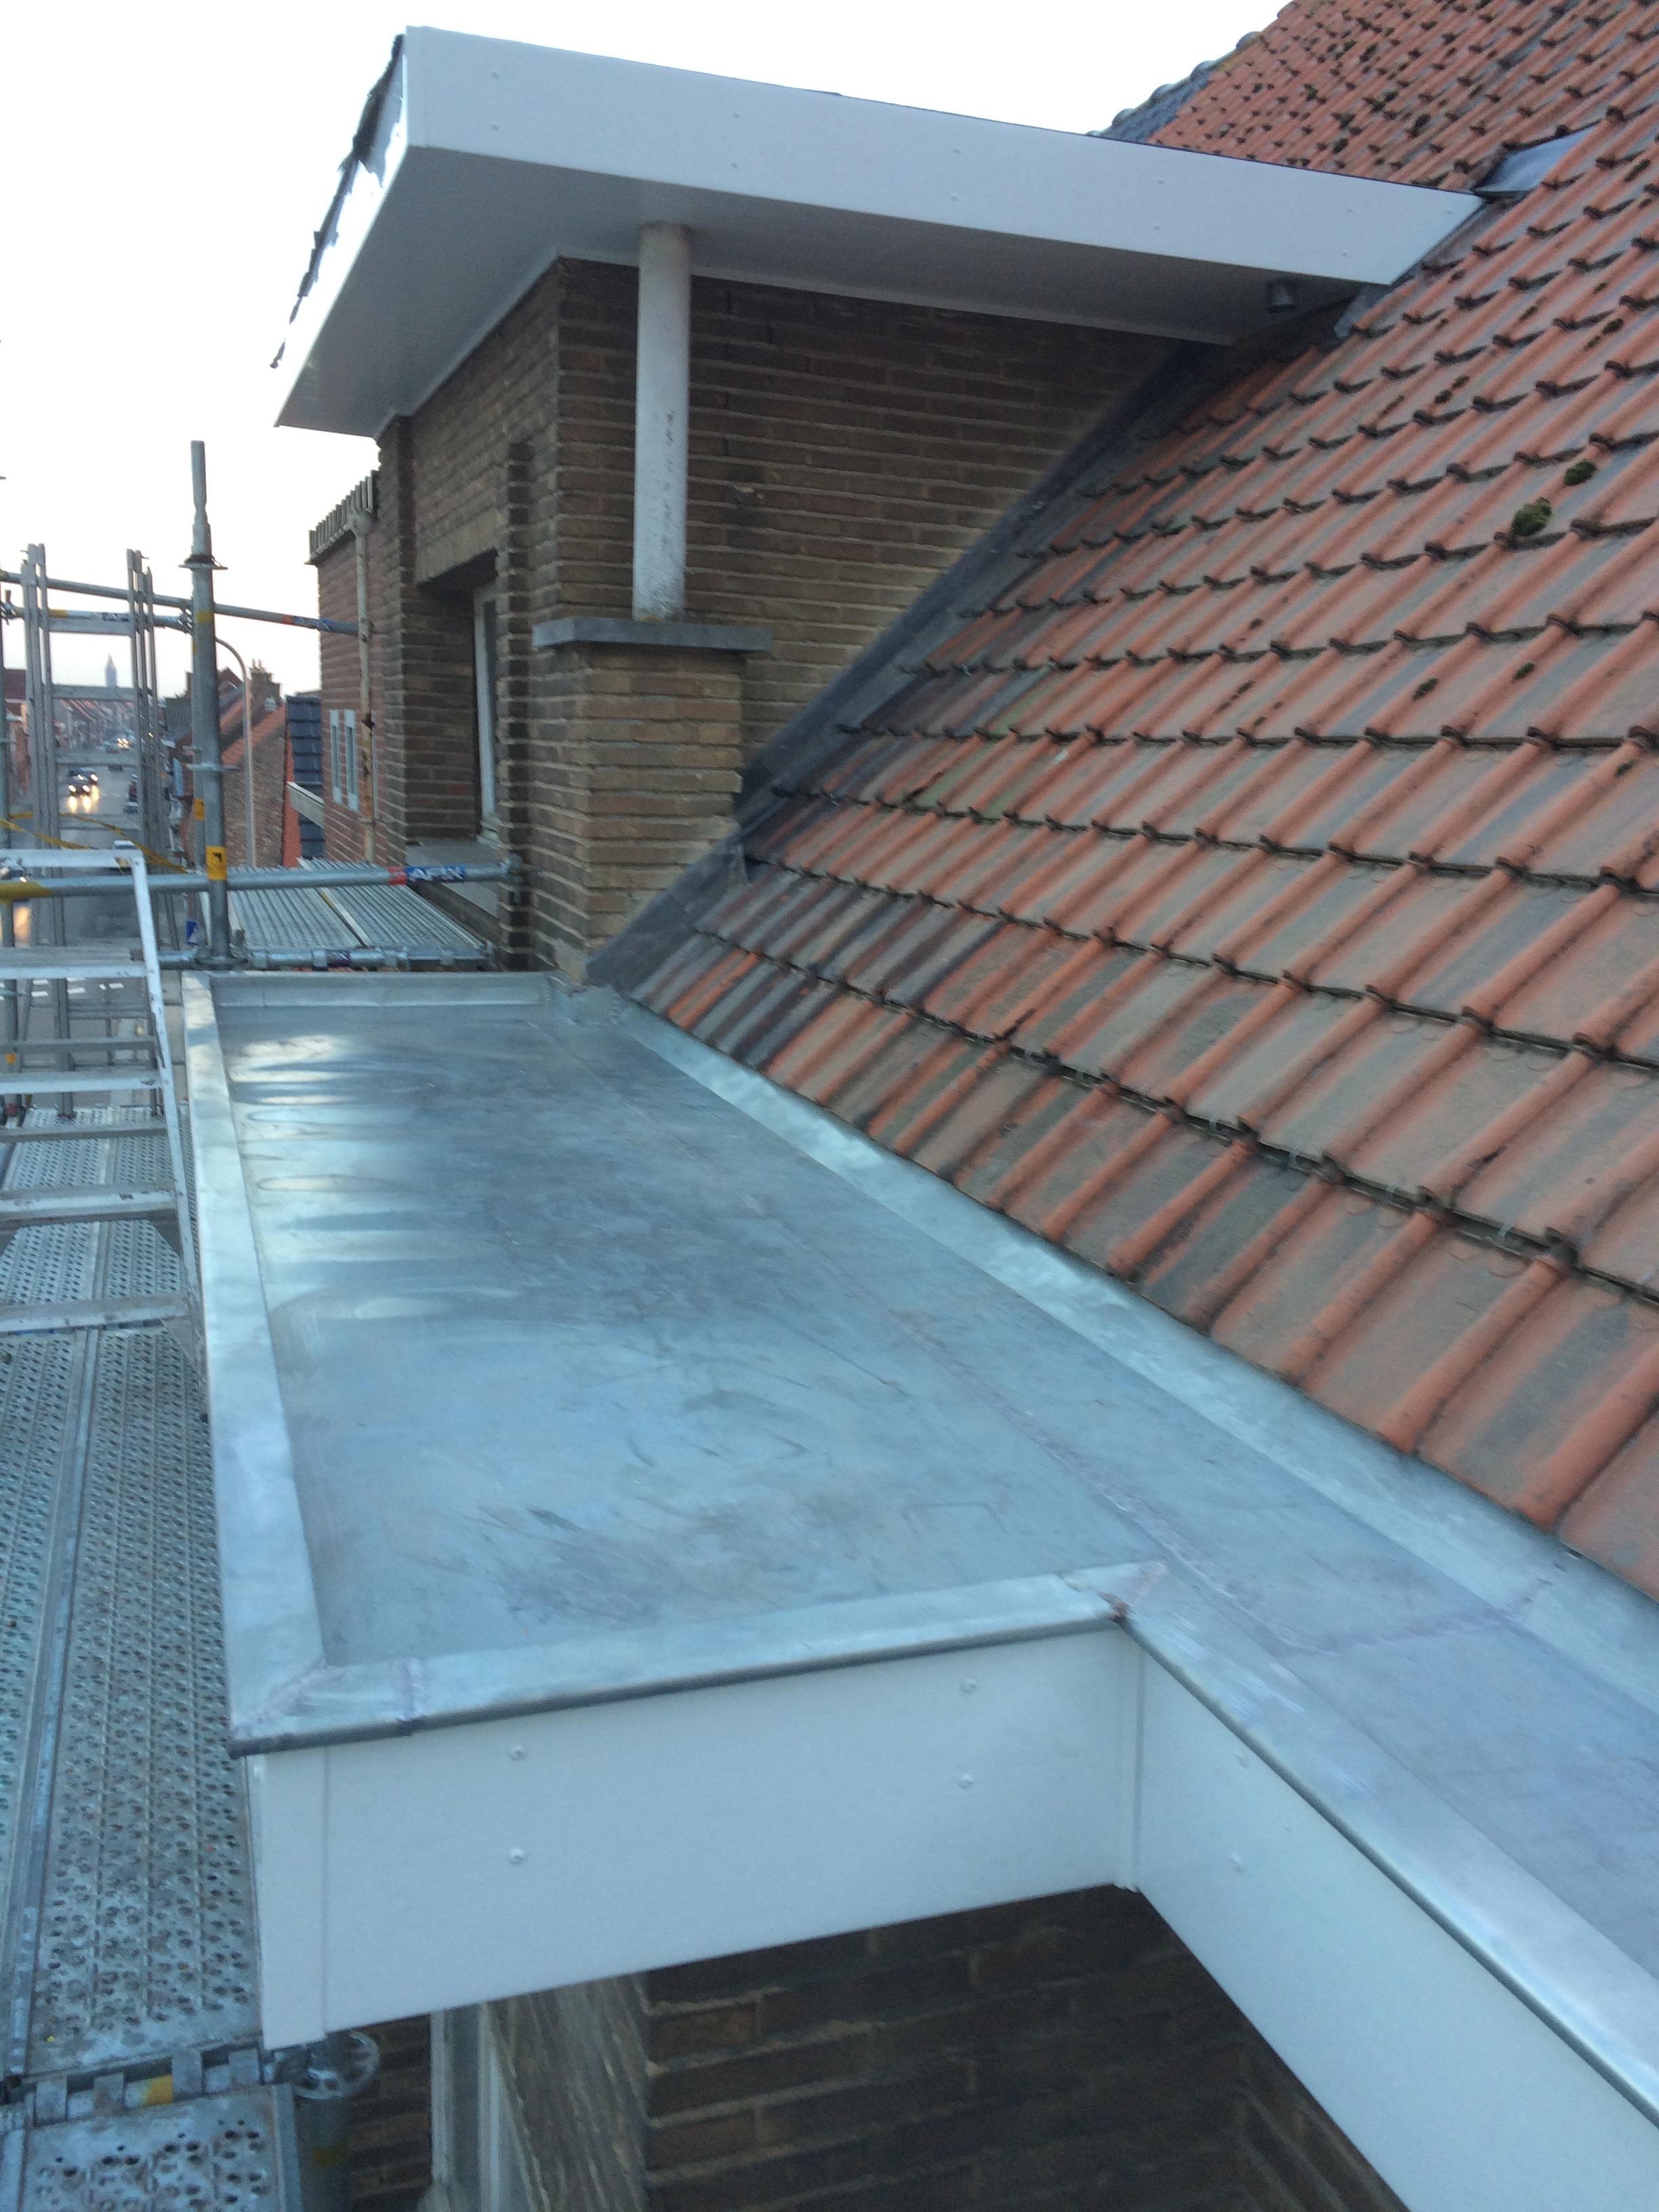 Zinkwerken en Koperwerken van ND dakwerken - Nico Desmet - algemene dakwerken